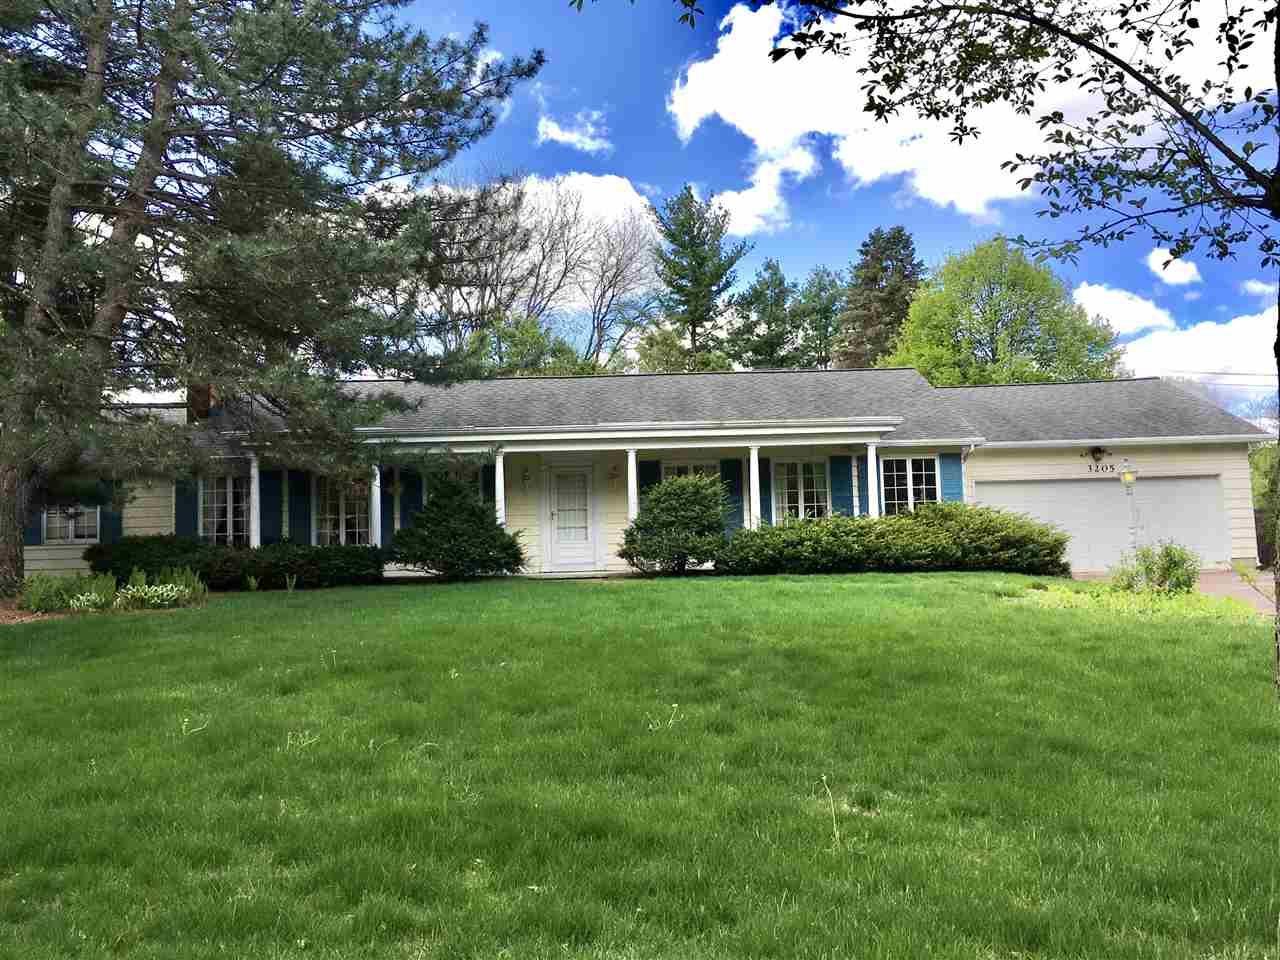 3205 Kingston Dr, Madison, WI 53713 - #: 1909149